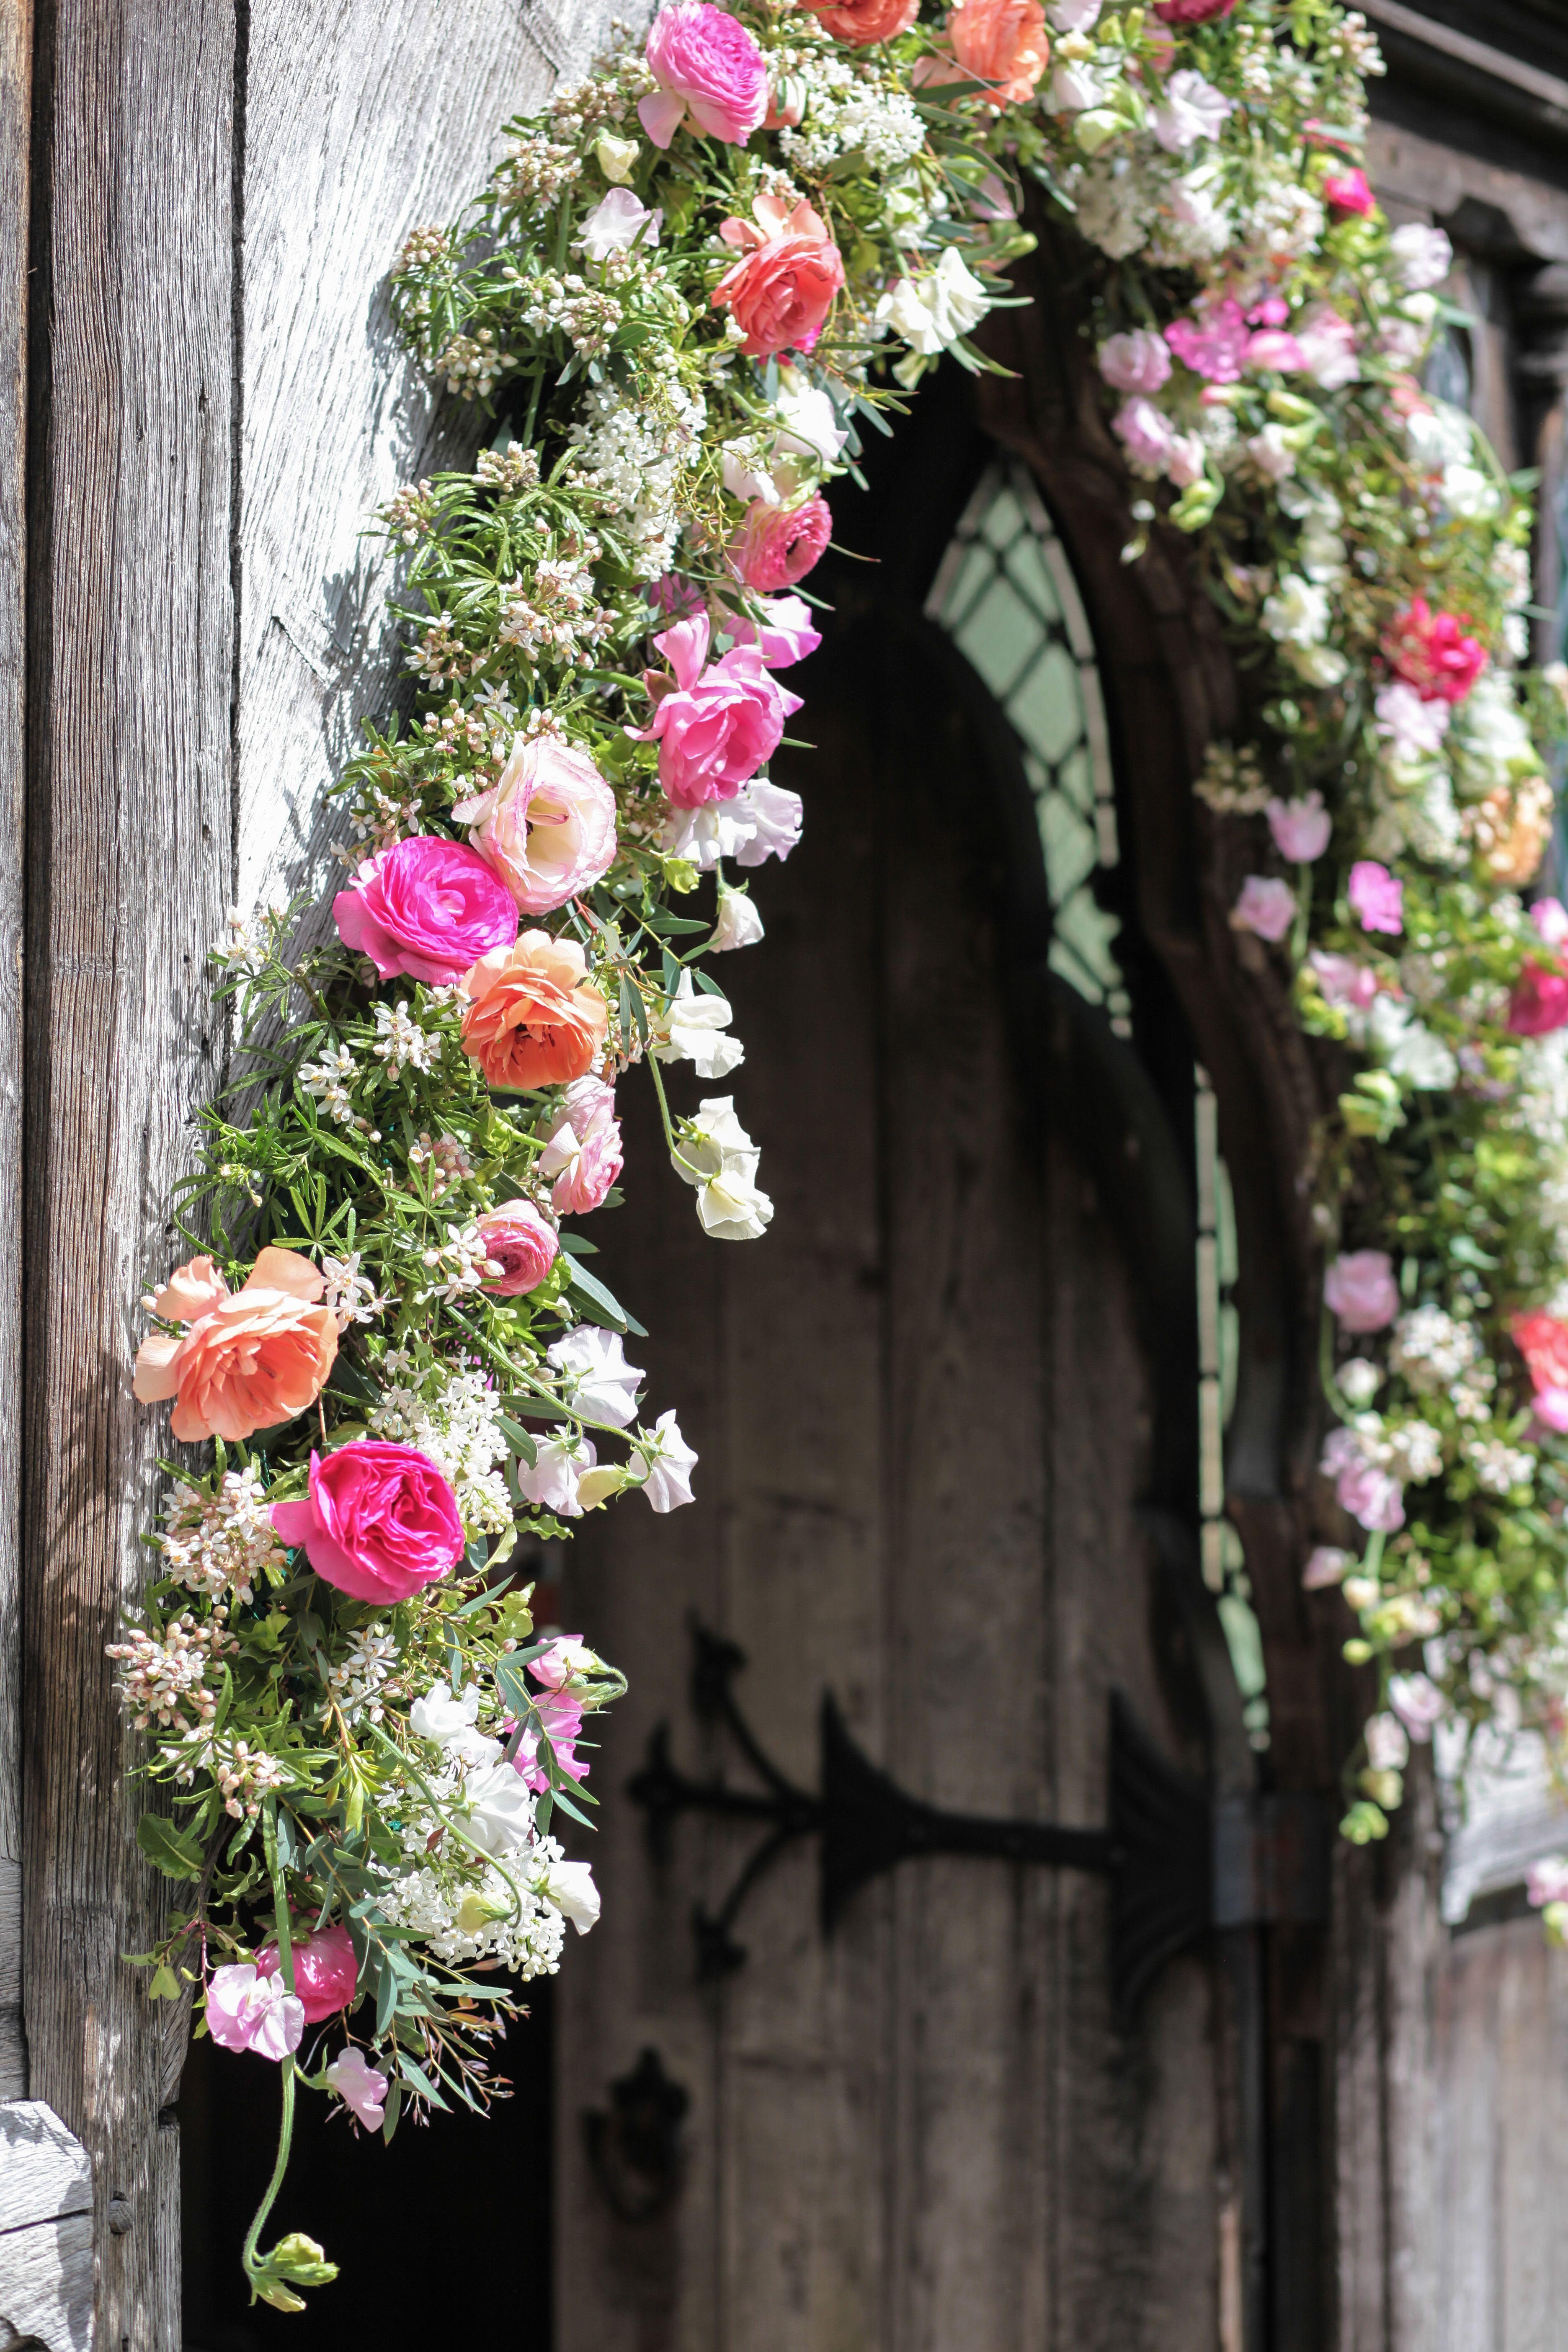 Beginning of May 2019, church garland Diy wedding